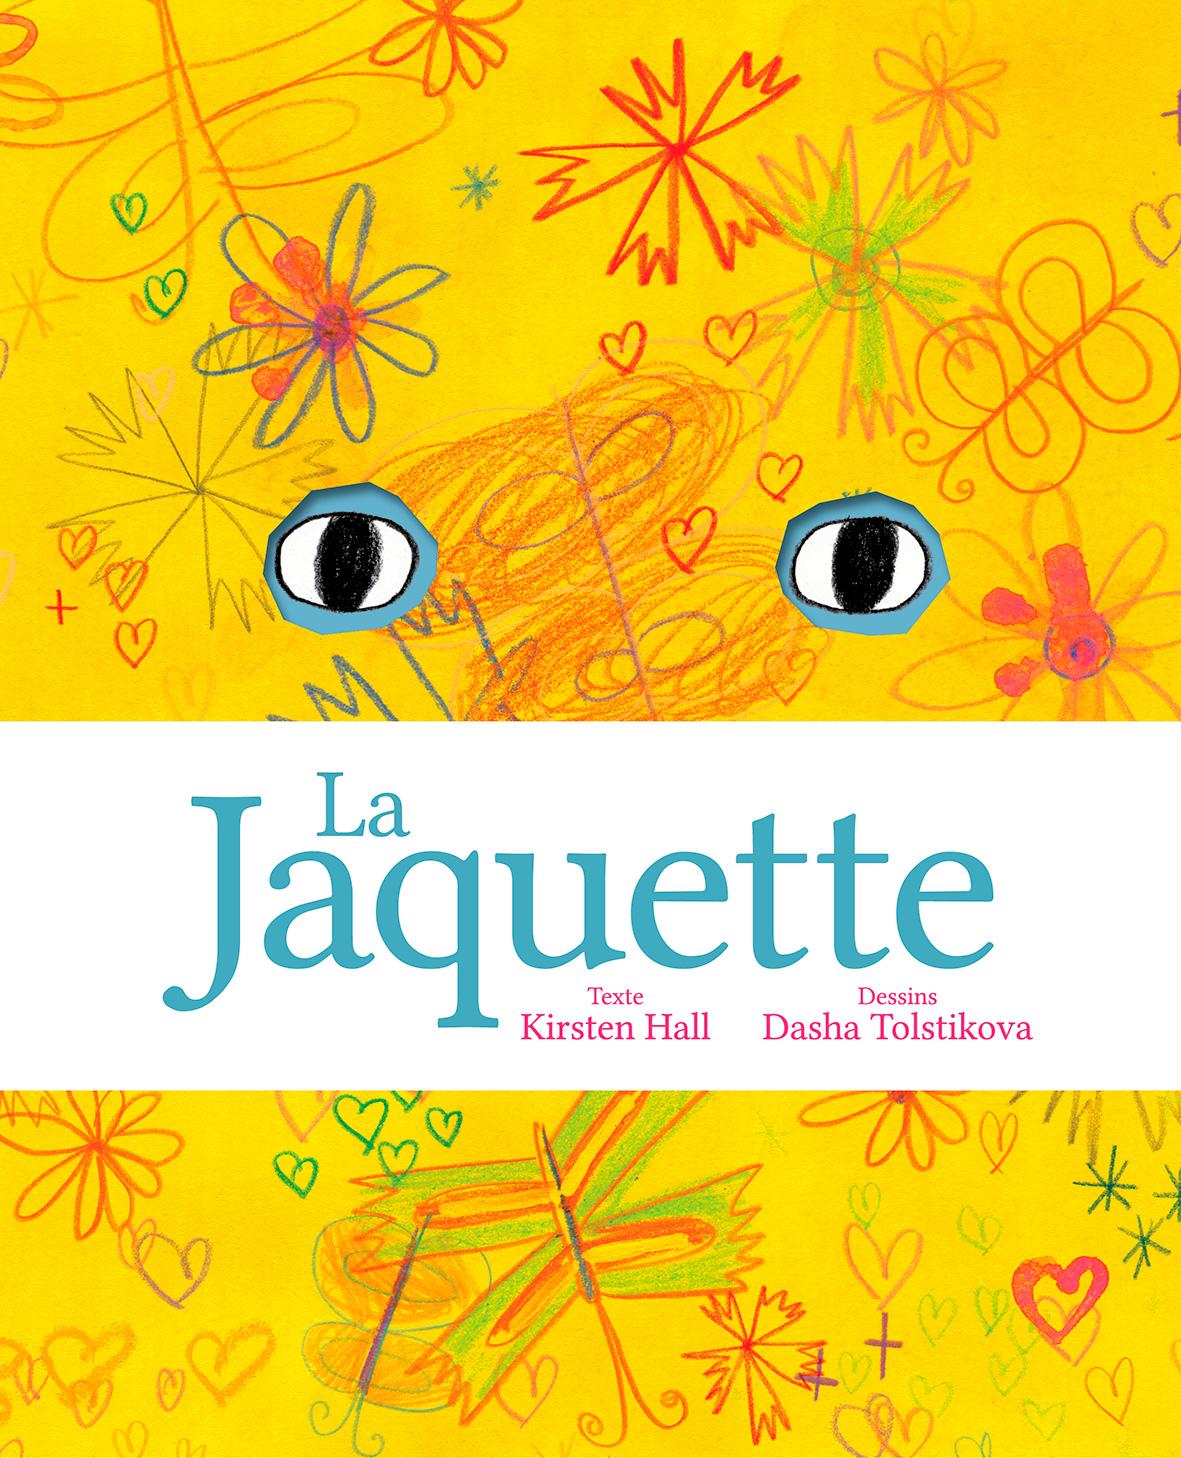 Jaquette